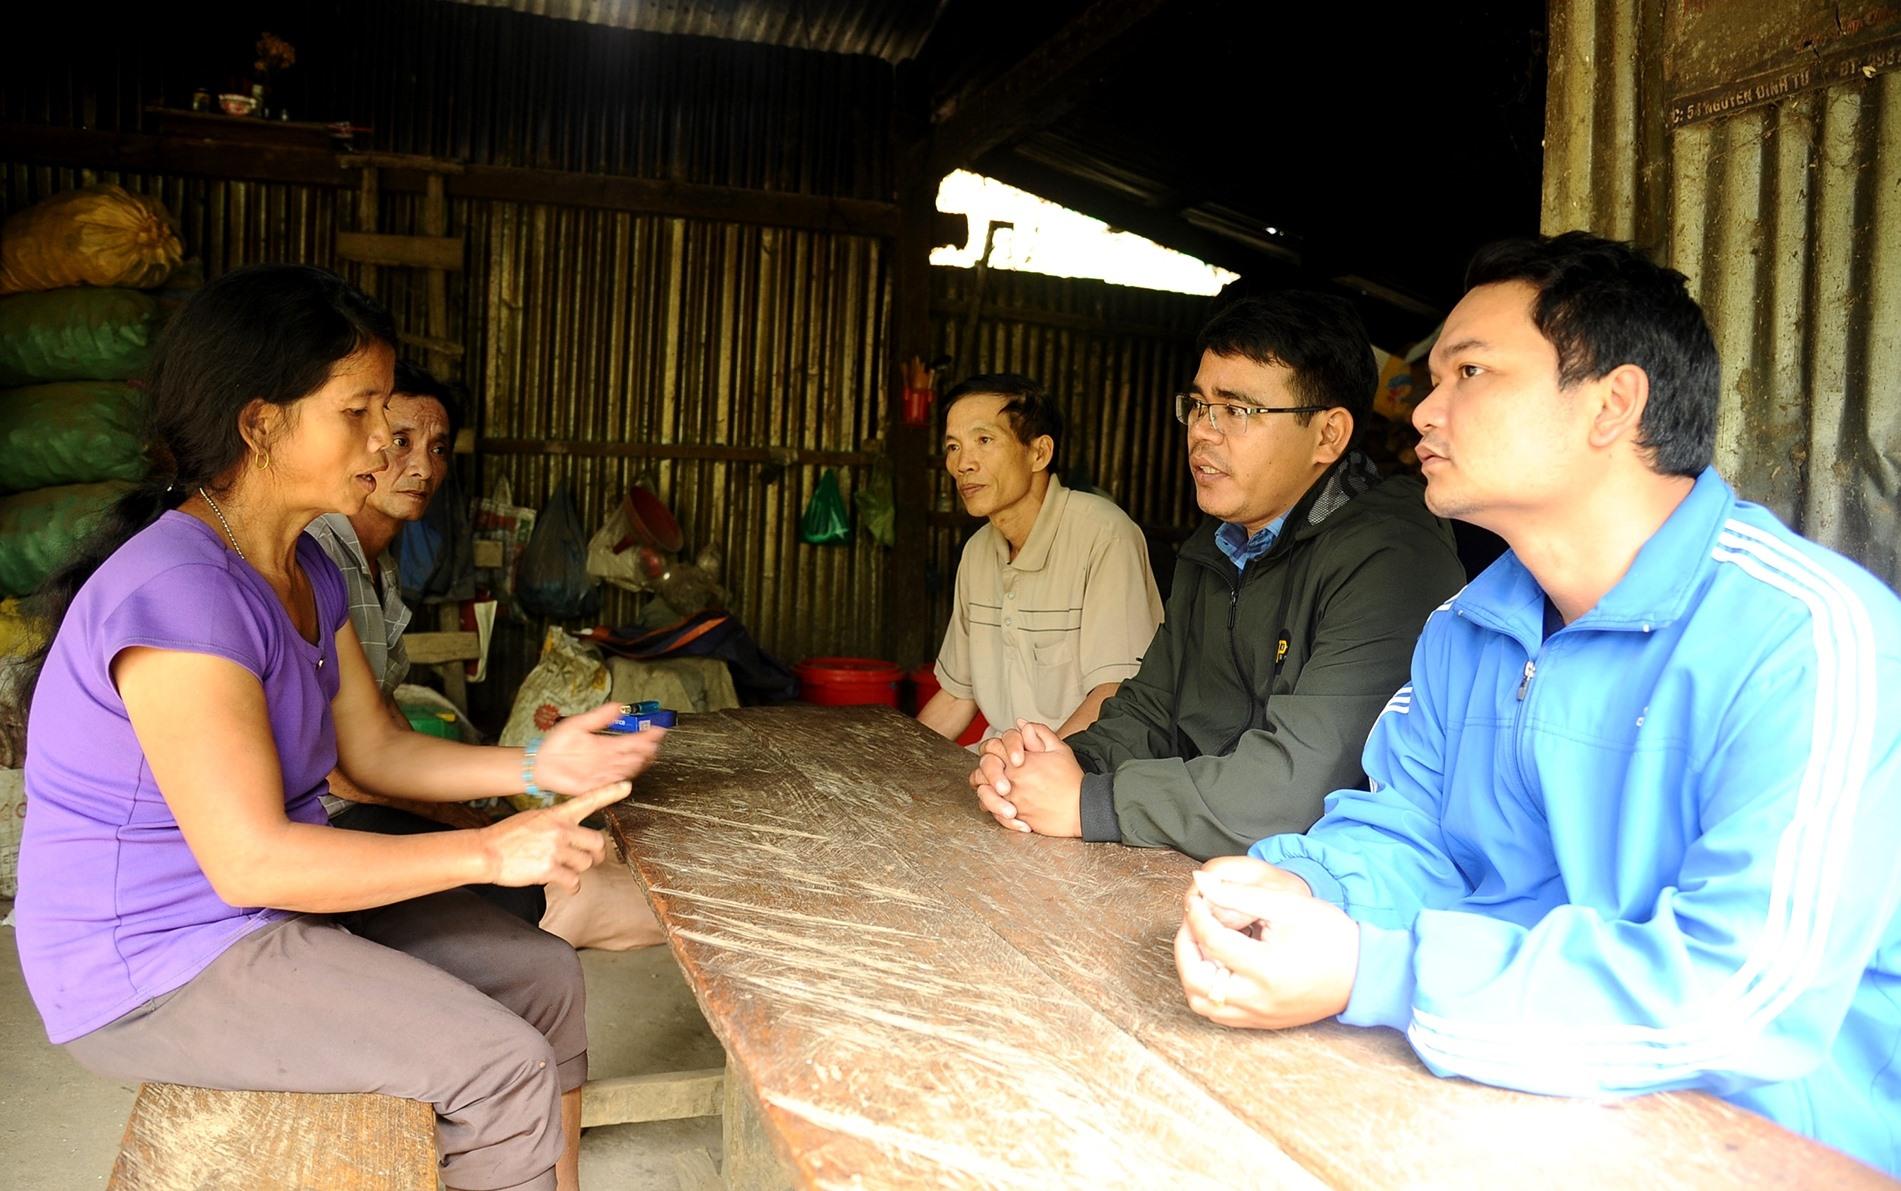 Cán bộ Trạm Y tế xã Phước Lộc đến từng hộ dân để tuyên truyền việc chăm sóc sức khỏe, xóa bỏ hủ tục lạc hậu trước đây. Ảnh: ALĂNG NGƯỚC